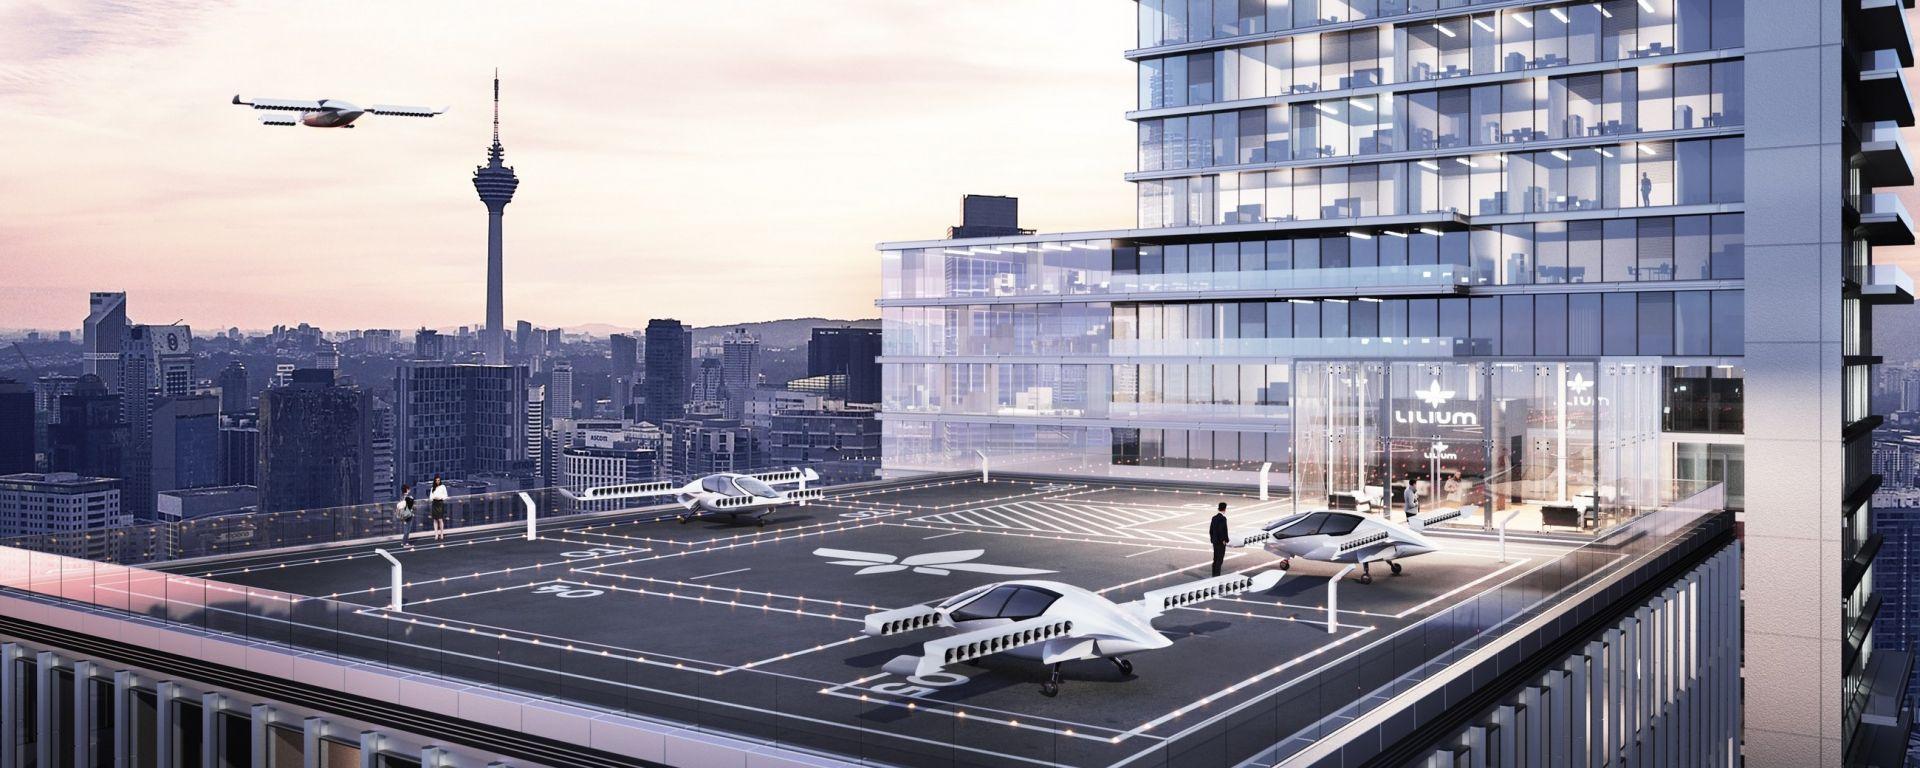 Lilium Aviation: l'obiettivo è creare un servizio di taxi volanti